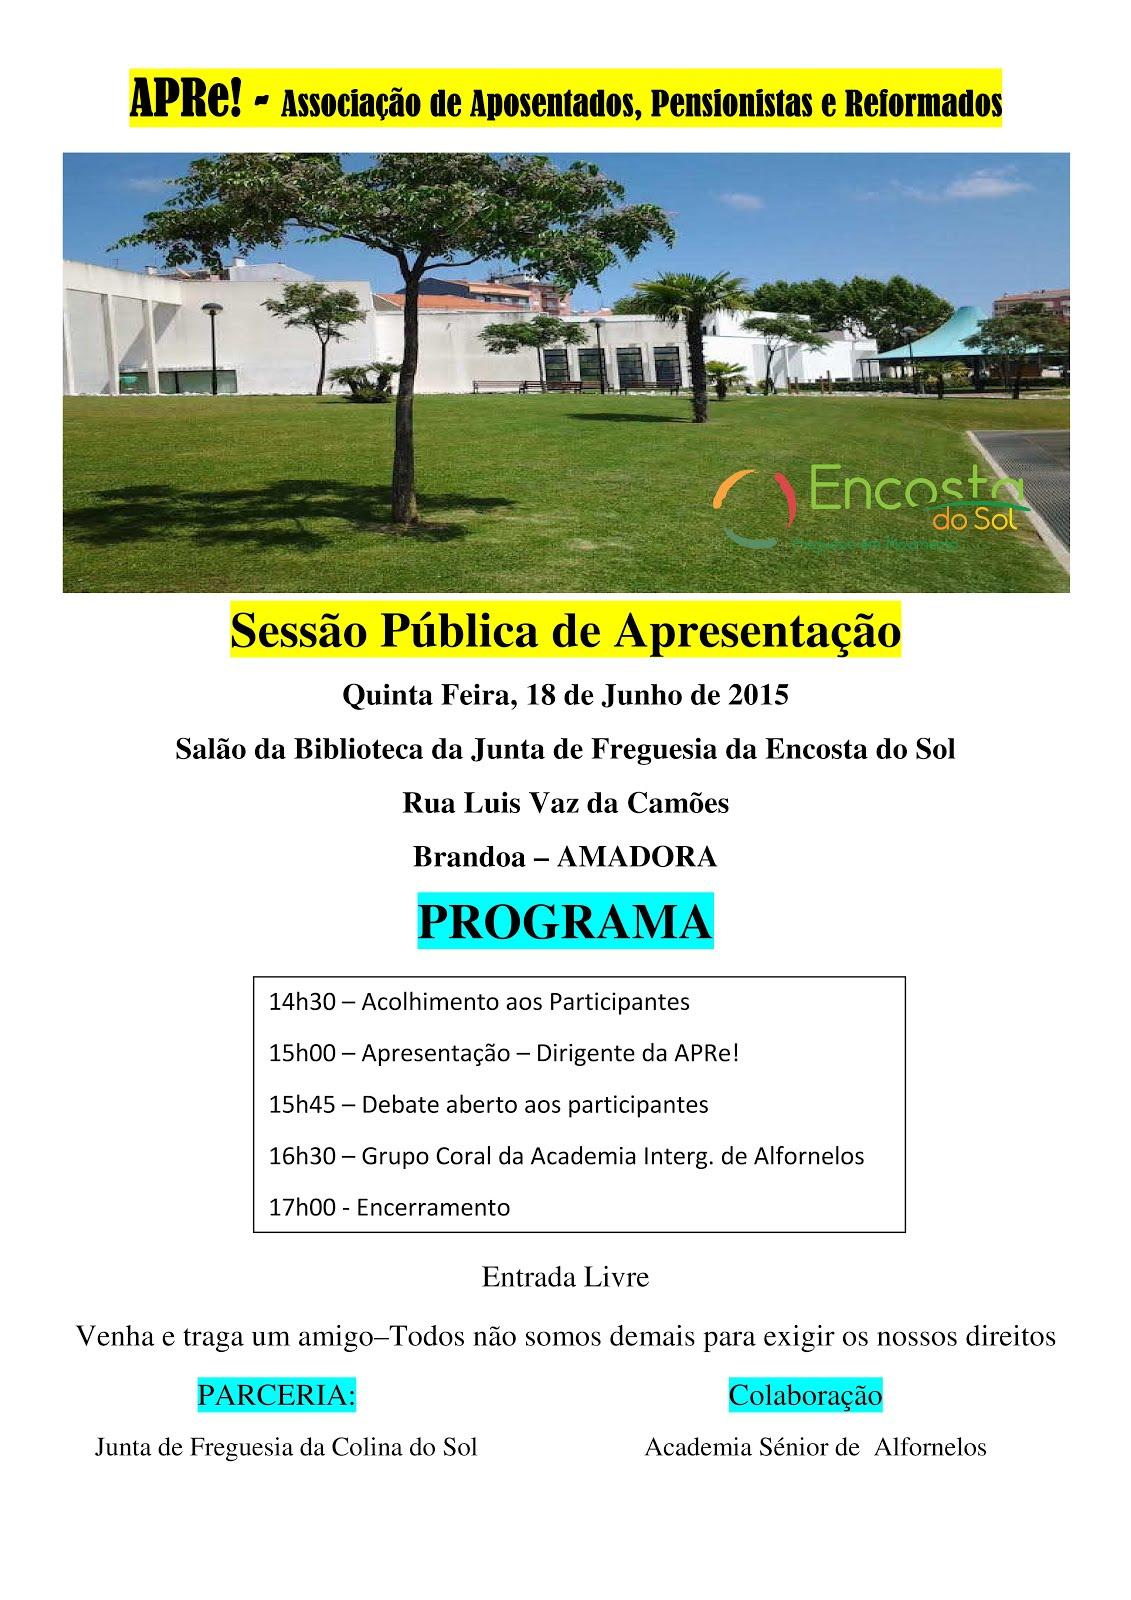 Amadora, sessão pública de apresentação da APRe!, na Freguesia Encosta do Sol